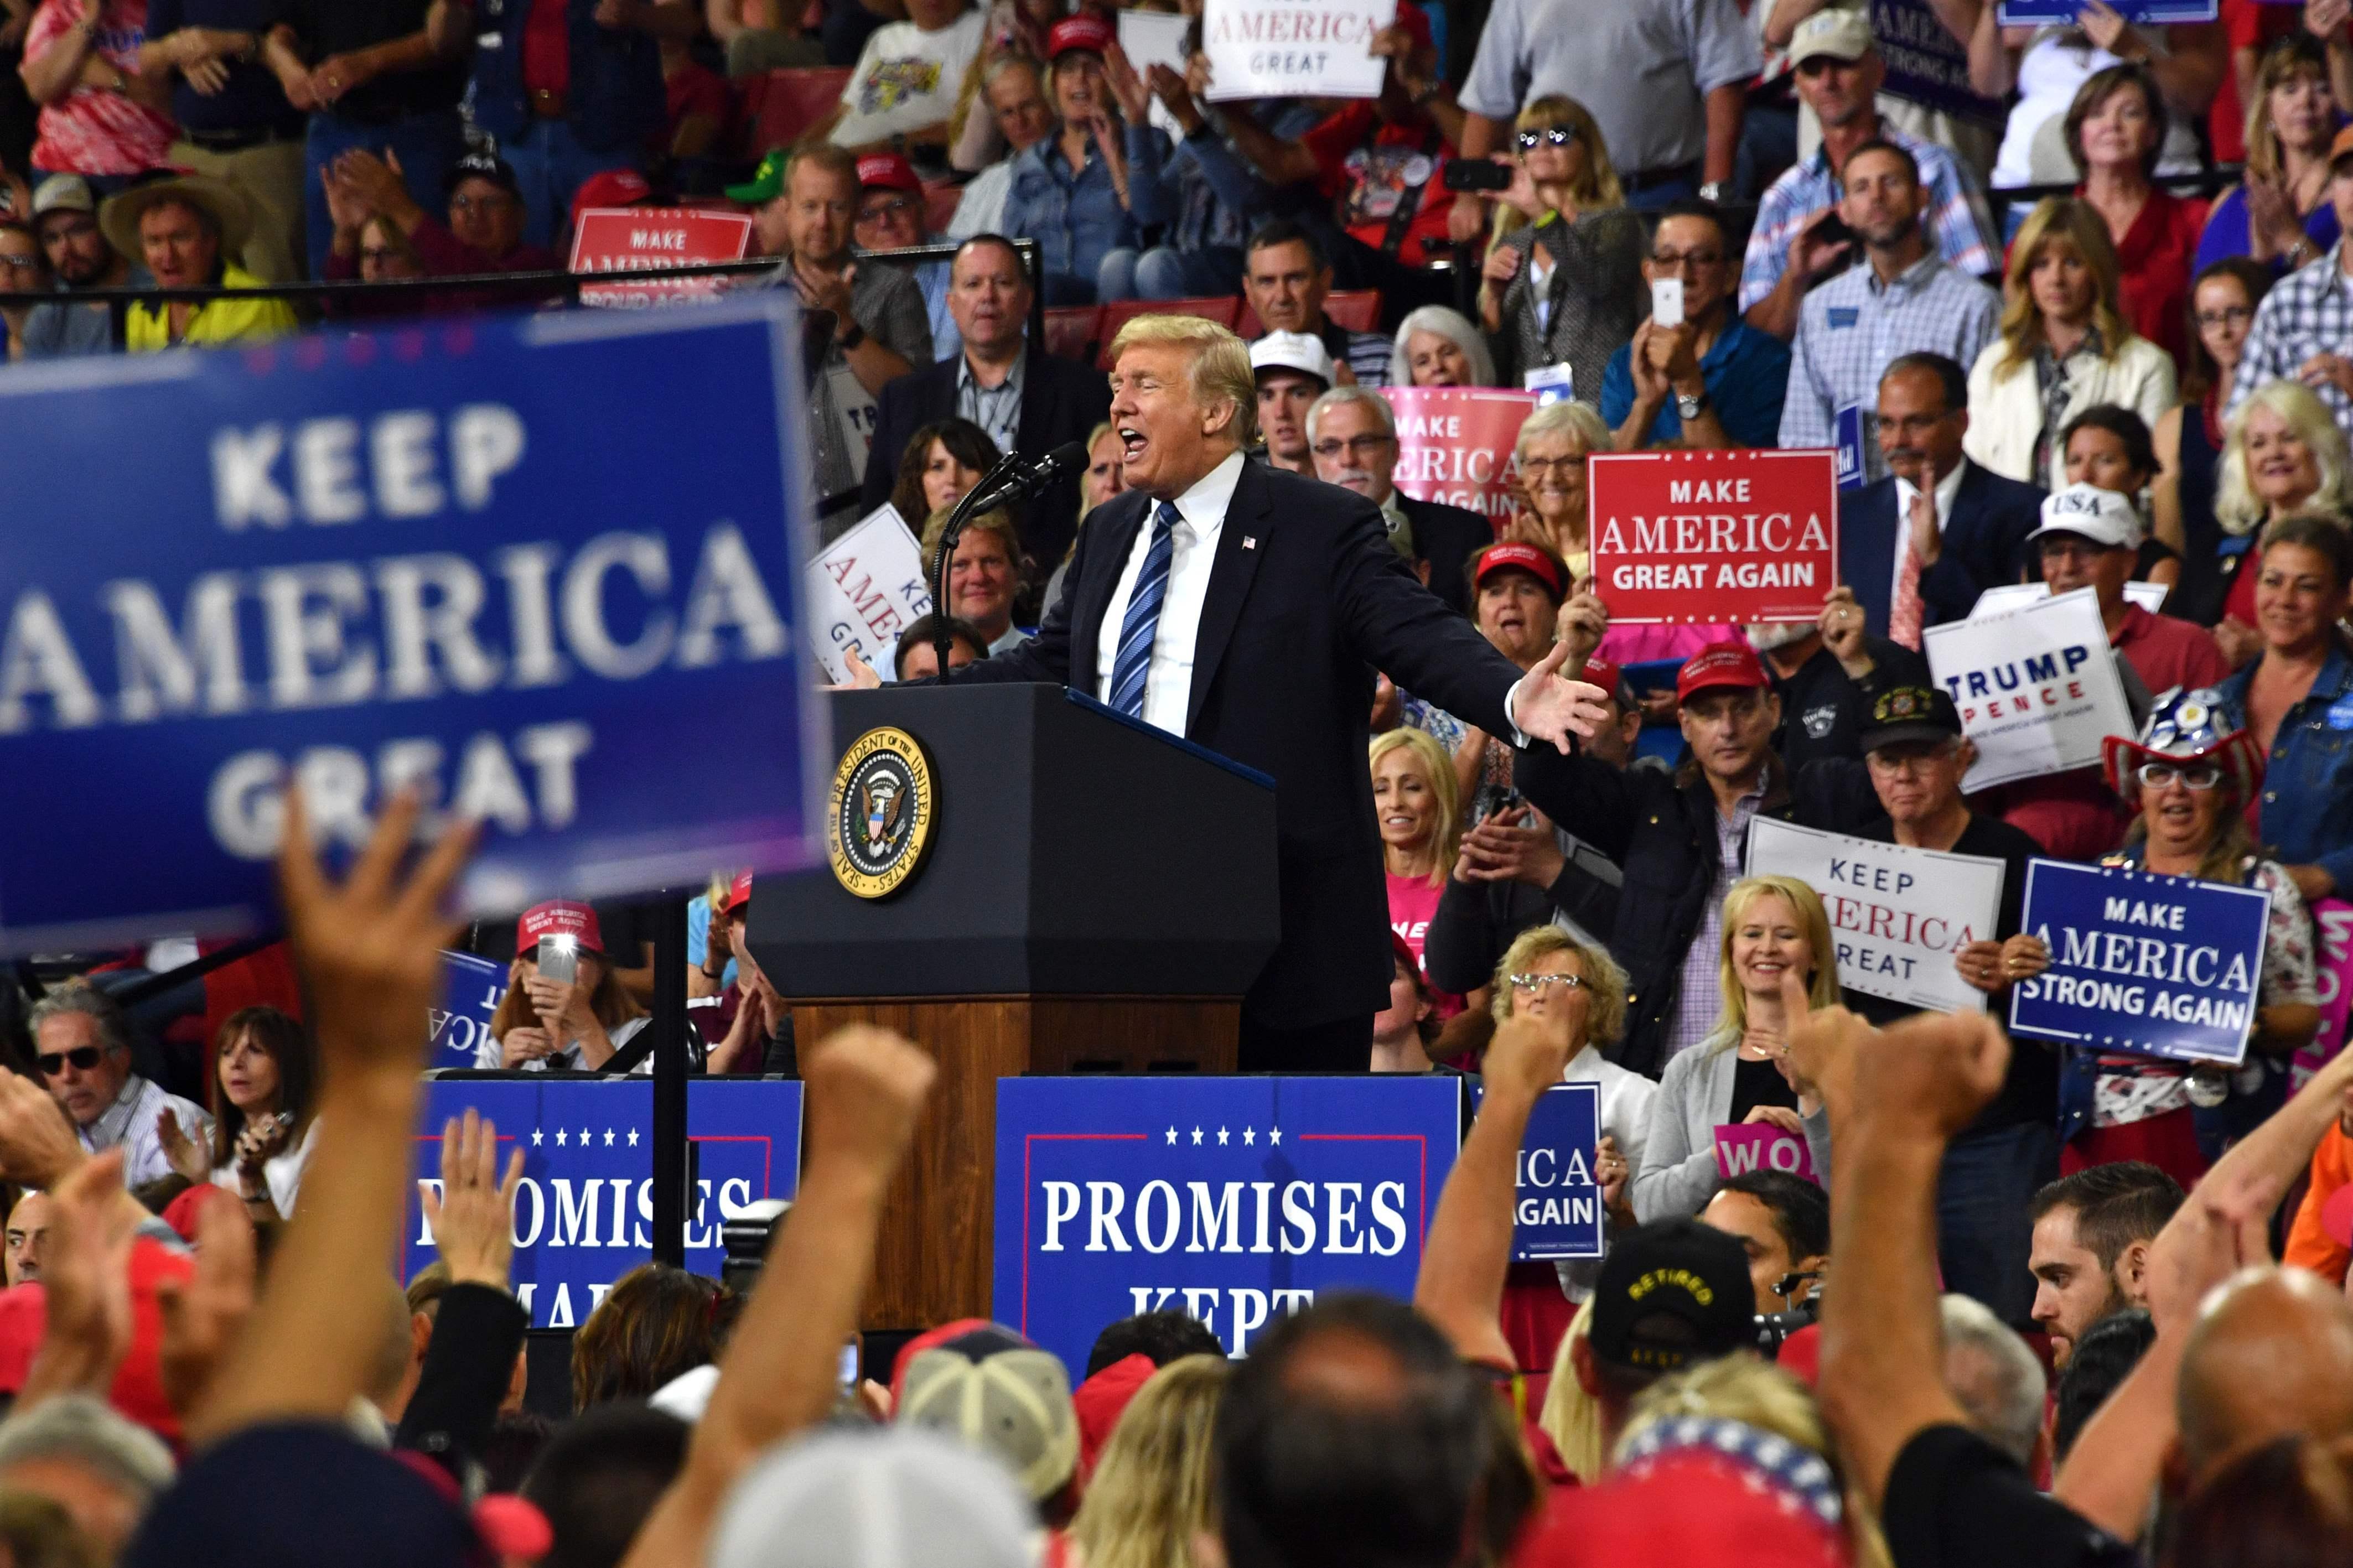 ترامب خلال تجمع انتخابى فى بيلينغز بولاية مونتانا